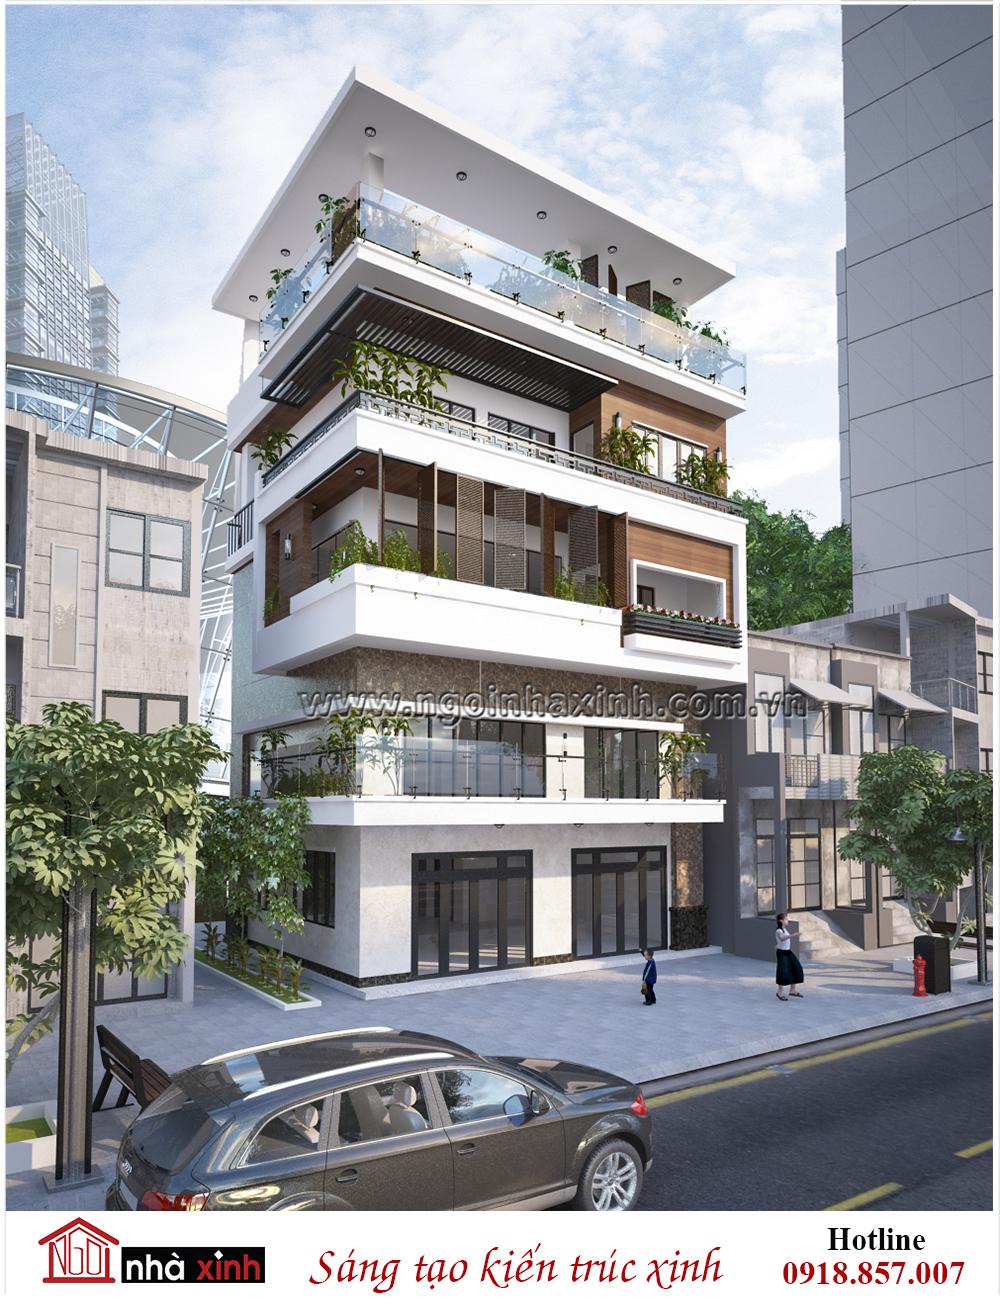 nhà phố đẹp, mẫu nhà phố đẹp, thiết kế nhà phố đẹp, nhà phố hiện đại đẹp, nhà phố đẹp nhất, nhà phố đẹp 2019, nha pho dep, mau nha pho dep, nha pho dep nhat, nha pho dep 2019, nhà xinh, nha xinh